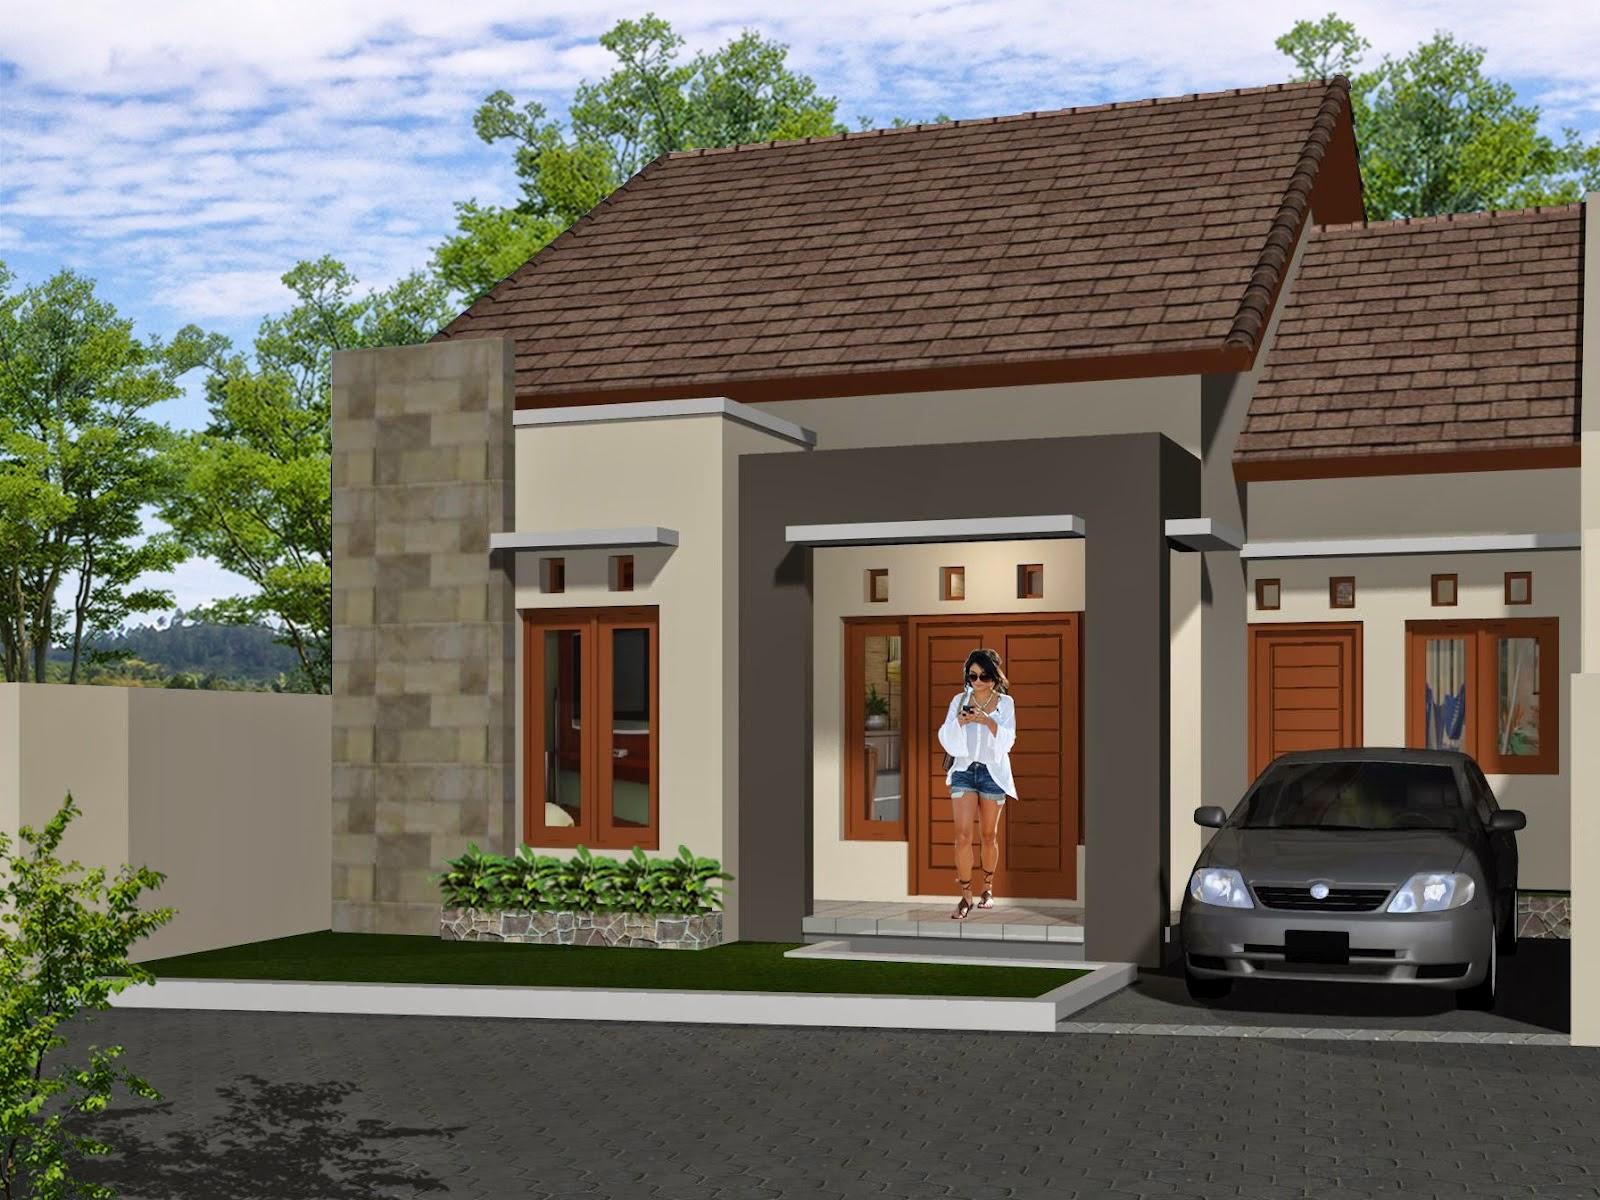 Gambar Rumah Minimalis Satu Lantai Terbaru 2015 | Desain ...